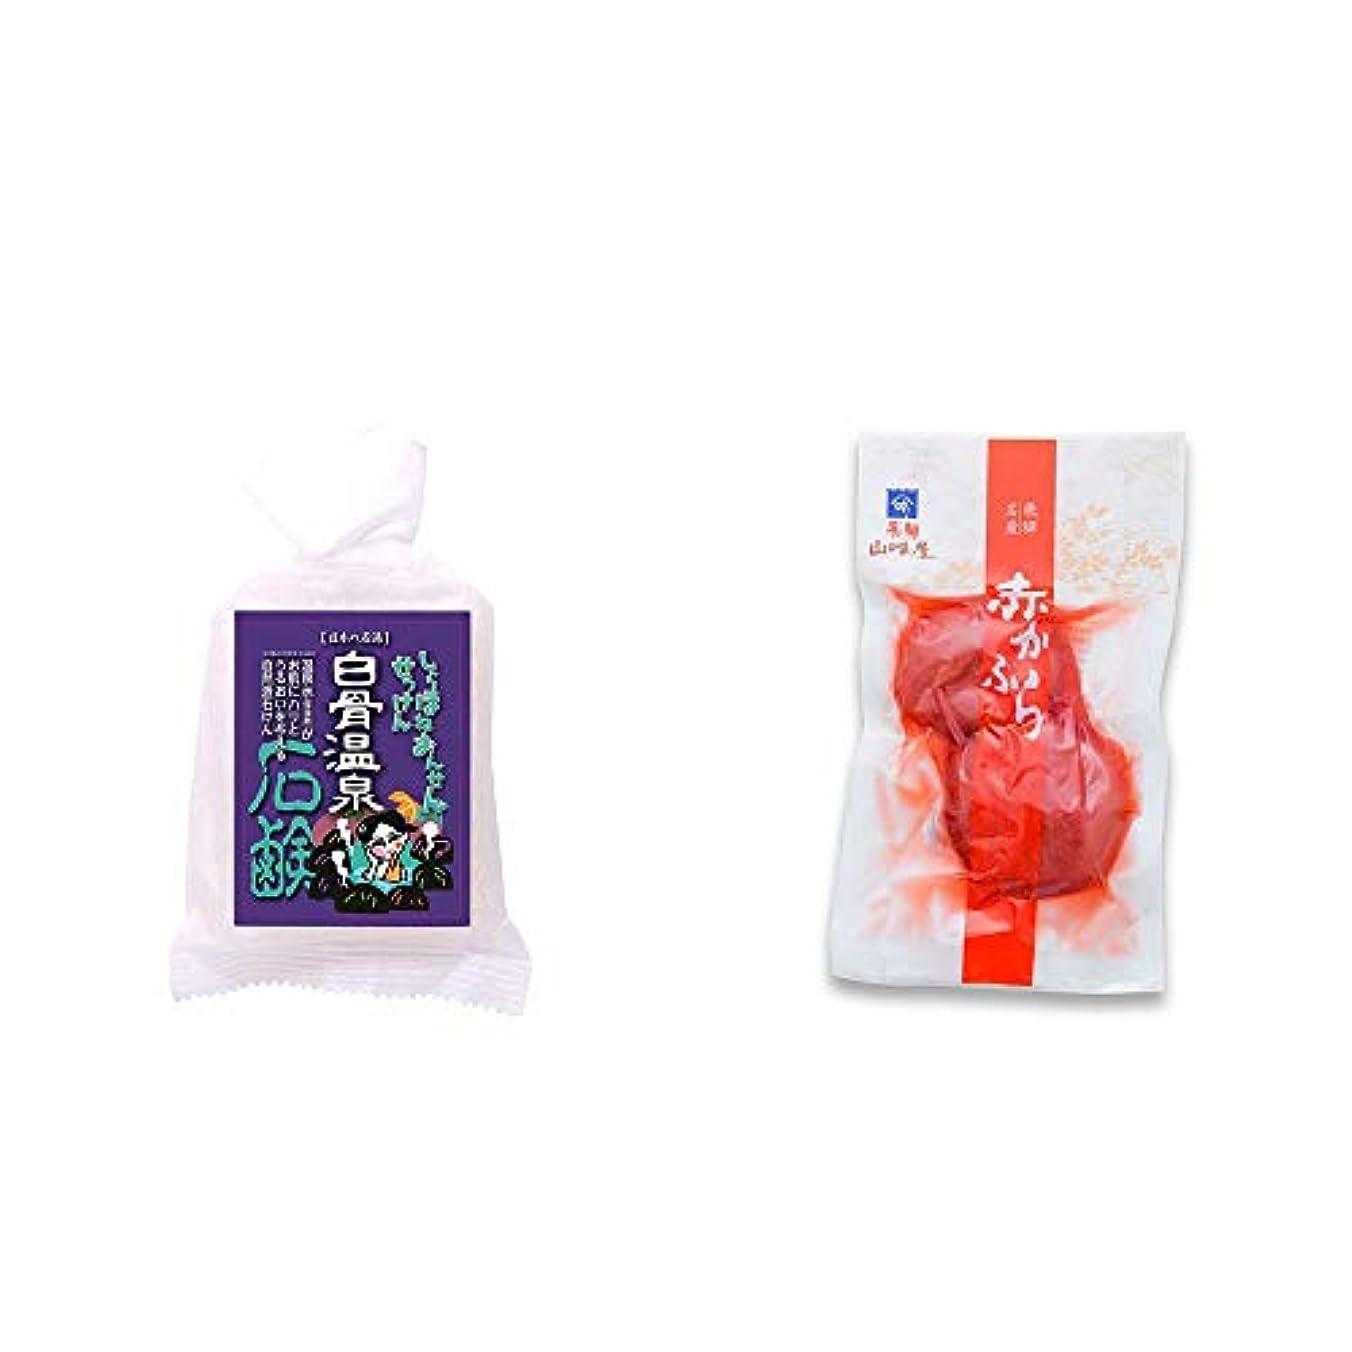 [2点セット] 信州 白骨温泉石鹸(80g)?飛騨山味屋 赤かぶら【小】(140g)